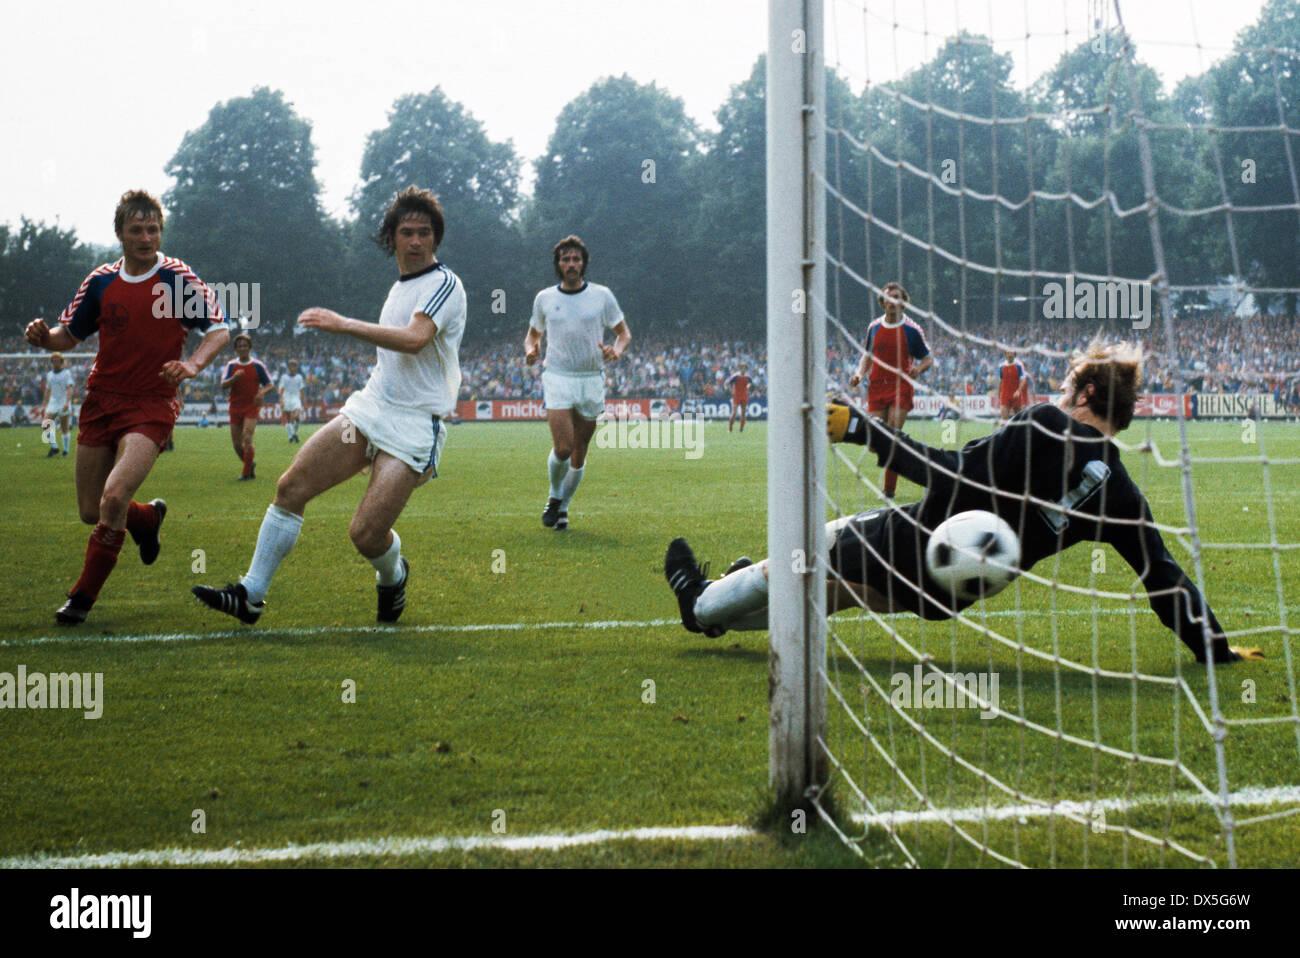 football, 2. Bundesliga Nord, 2. Bundesliga Sued, 1974/1975, relegation match to Bundesliga 1975/1976, return leg, Grotenburg Stadium in Krefeld, FC Bayer 05 Uerdingen versus FK Pirmasens 6:0, scene of the match, Peter Falter (Uerdingen) left scores a goa - Stock Image